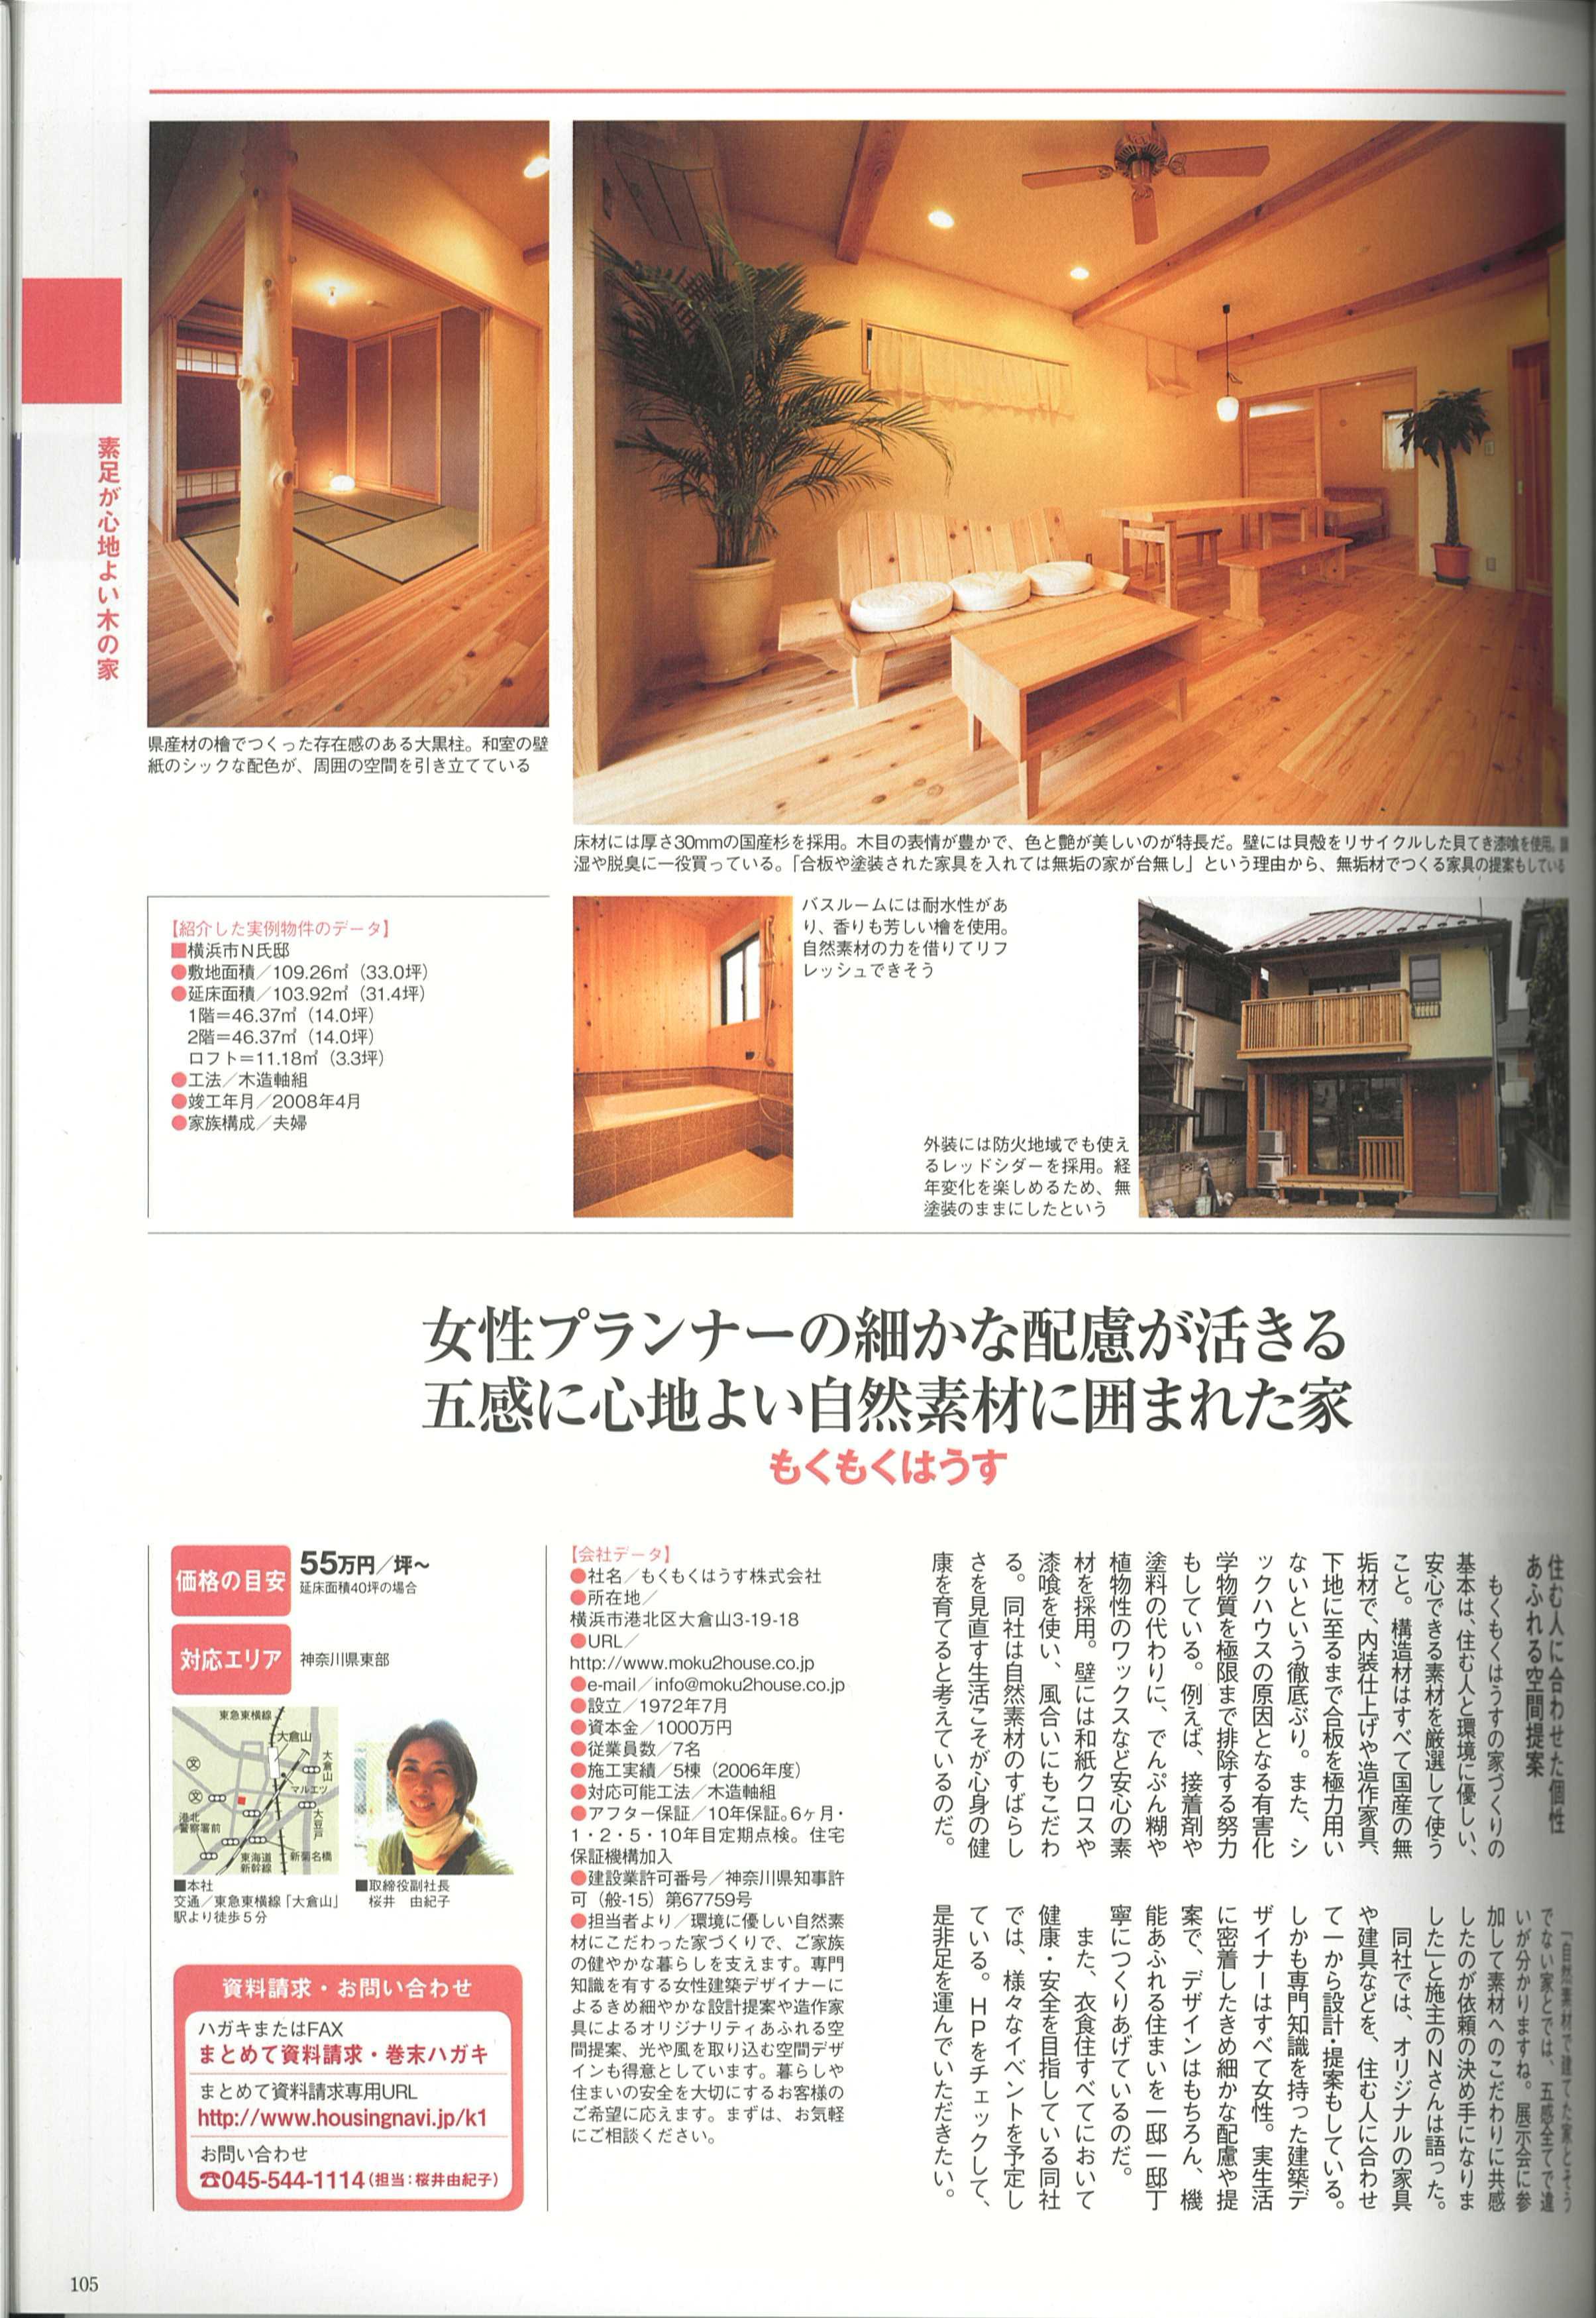 神奈川で家を建てる